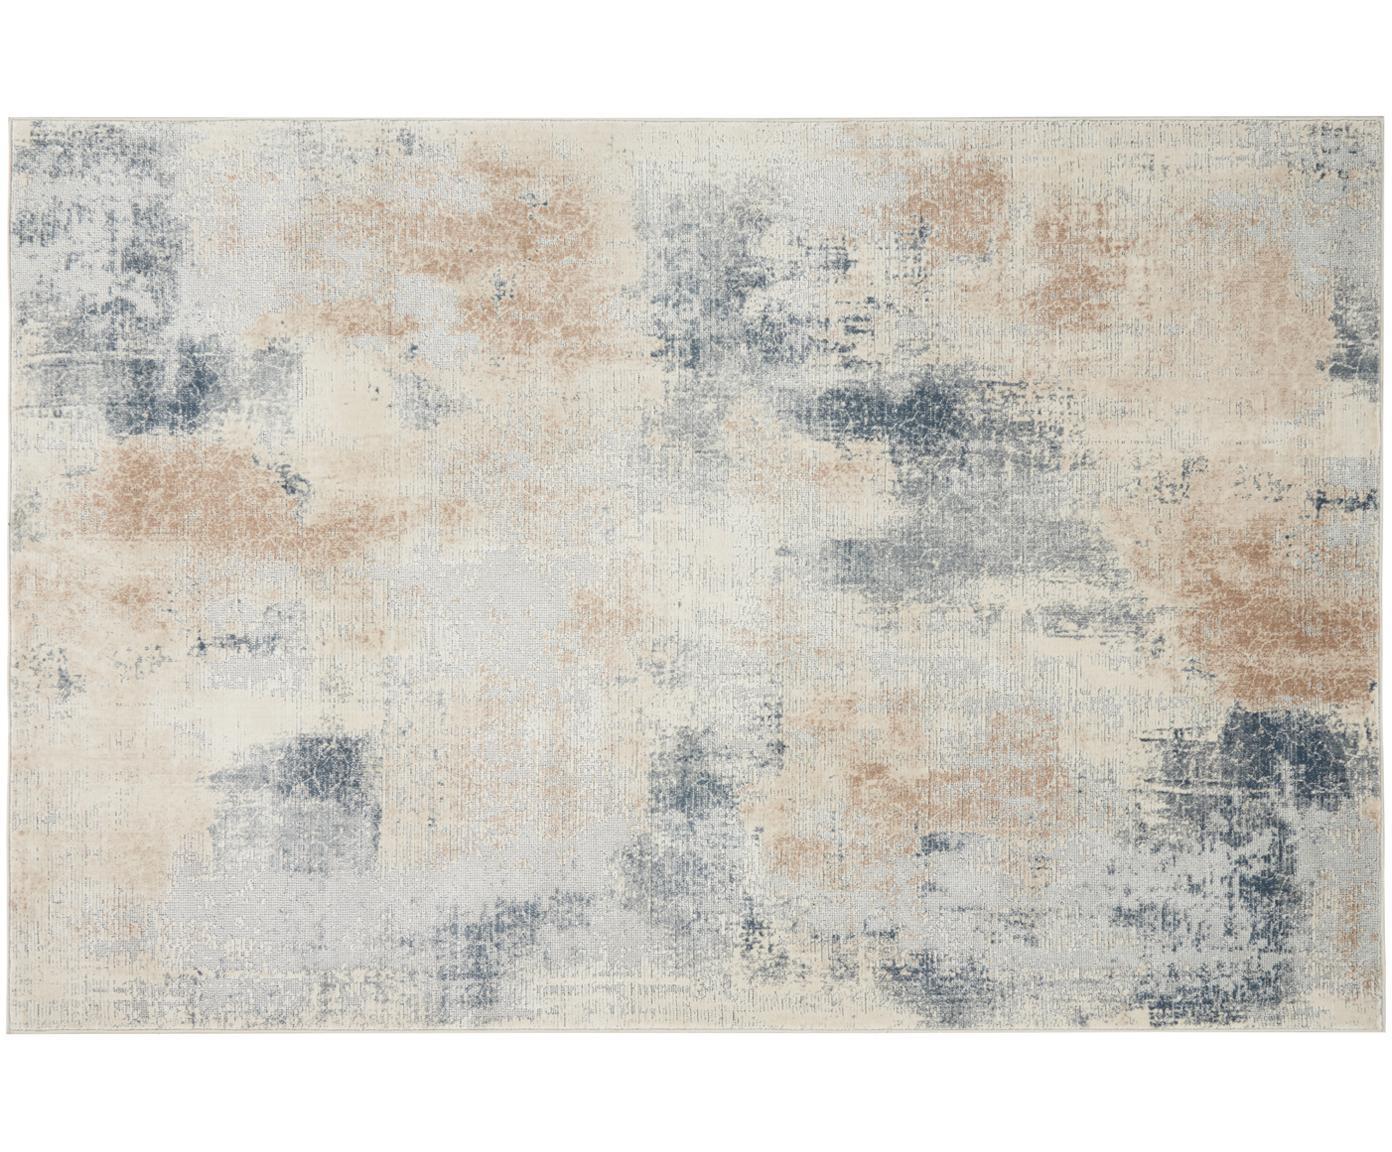 Dywan z wypukłym wzorem Rustic Textures II, Odcienie beżowego, szary, S 120 x D 180 cm (Rozmiar S)